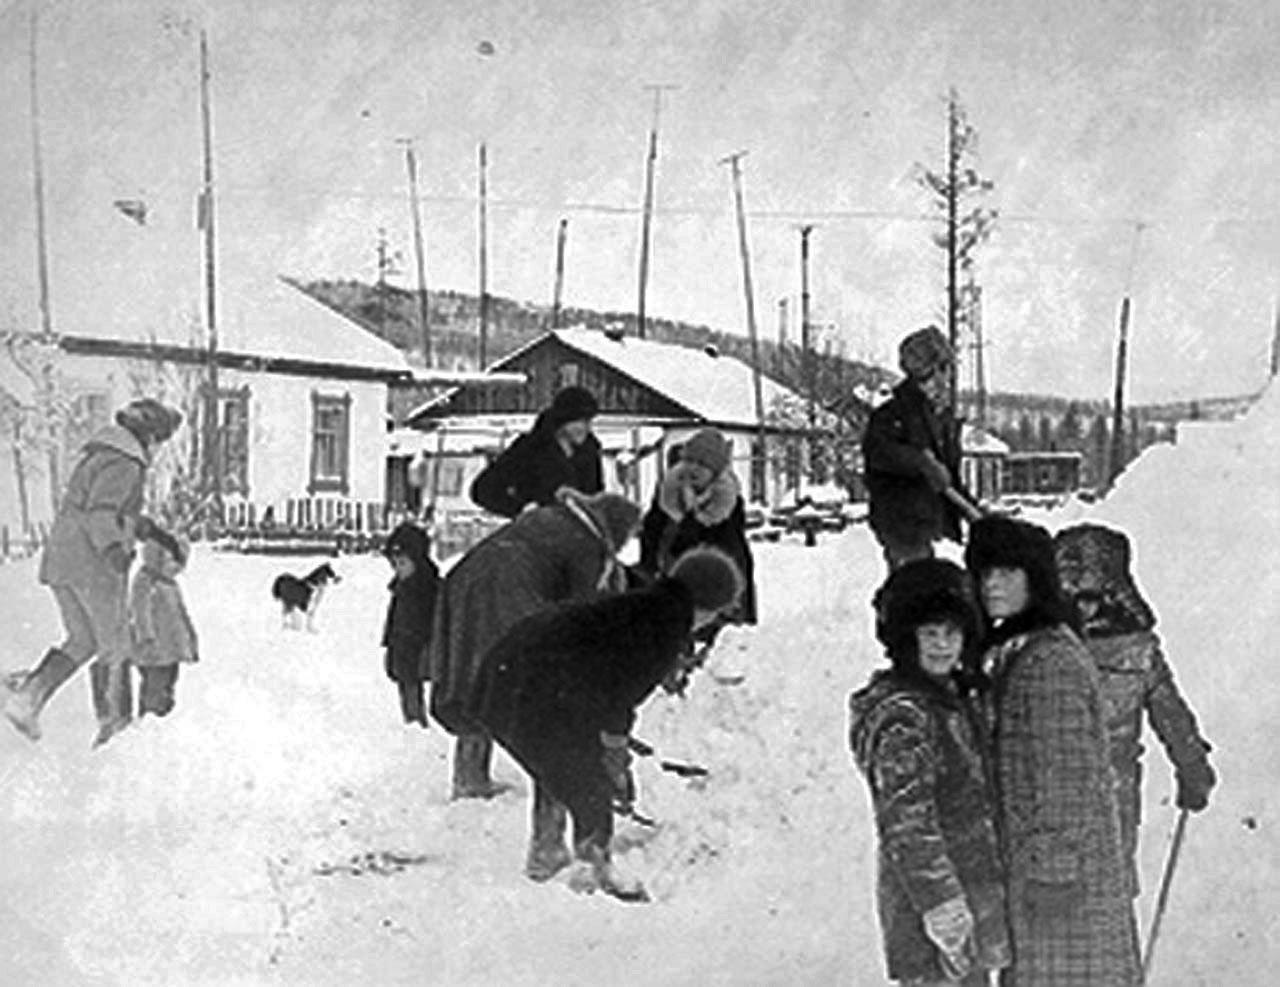 Посёлок Эсчан. Строительство снежной горки.